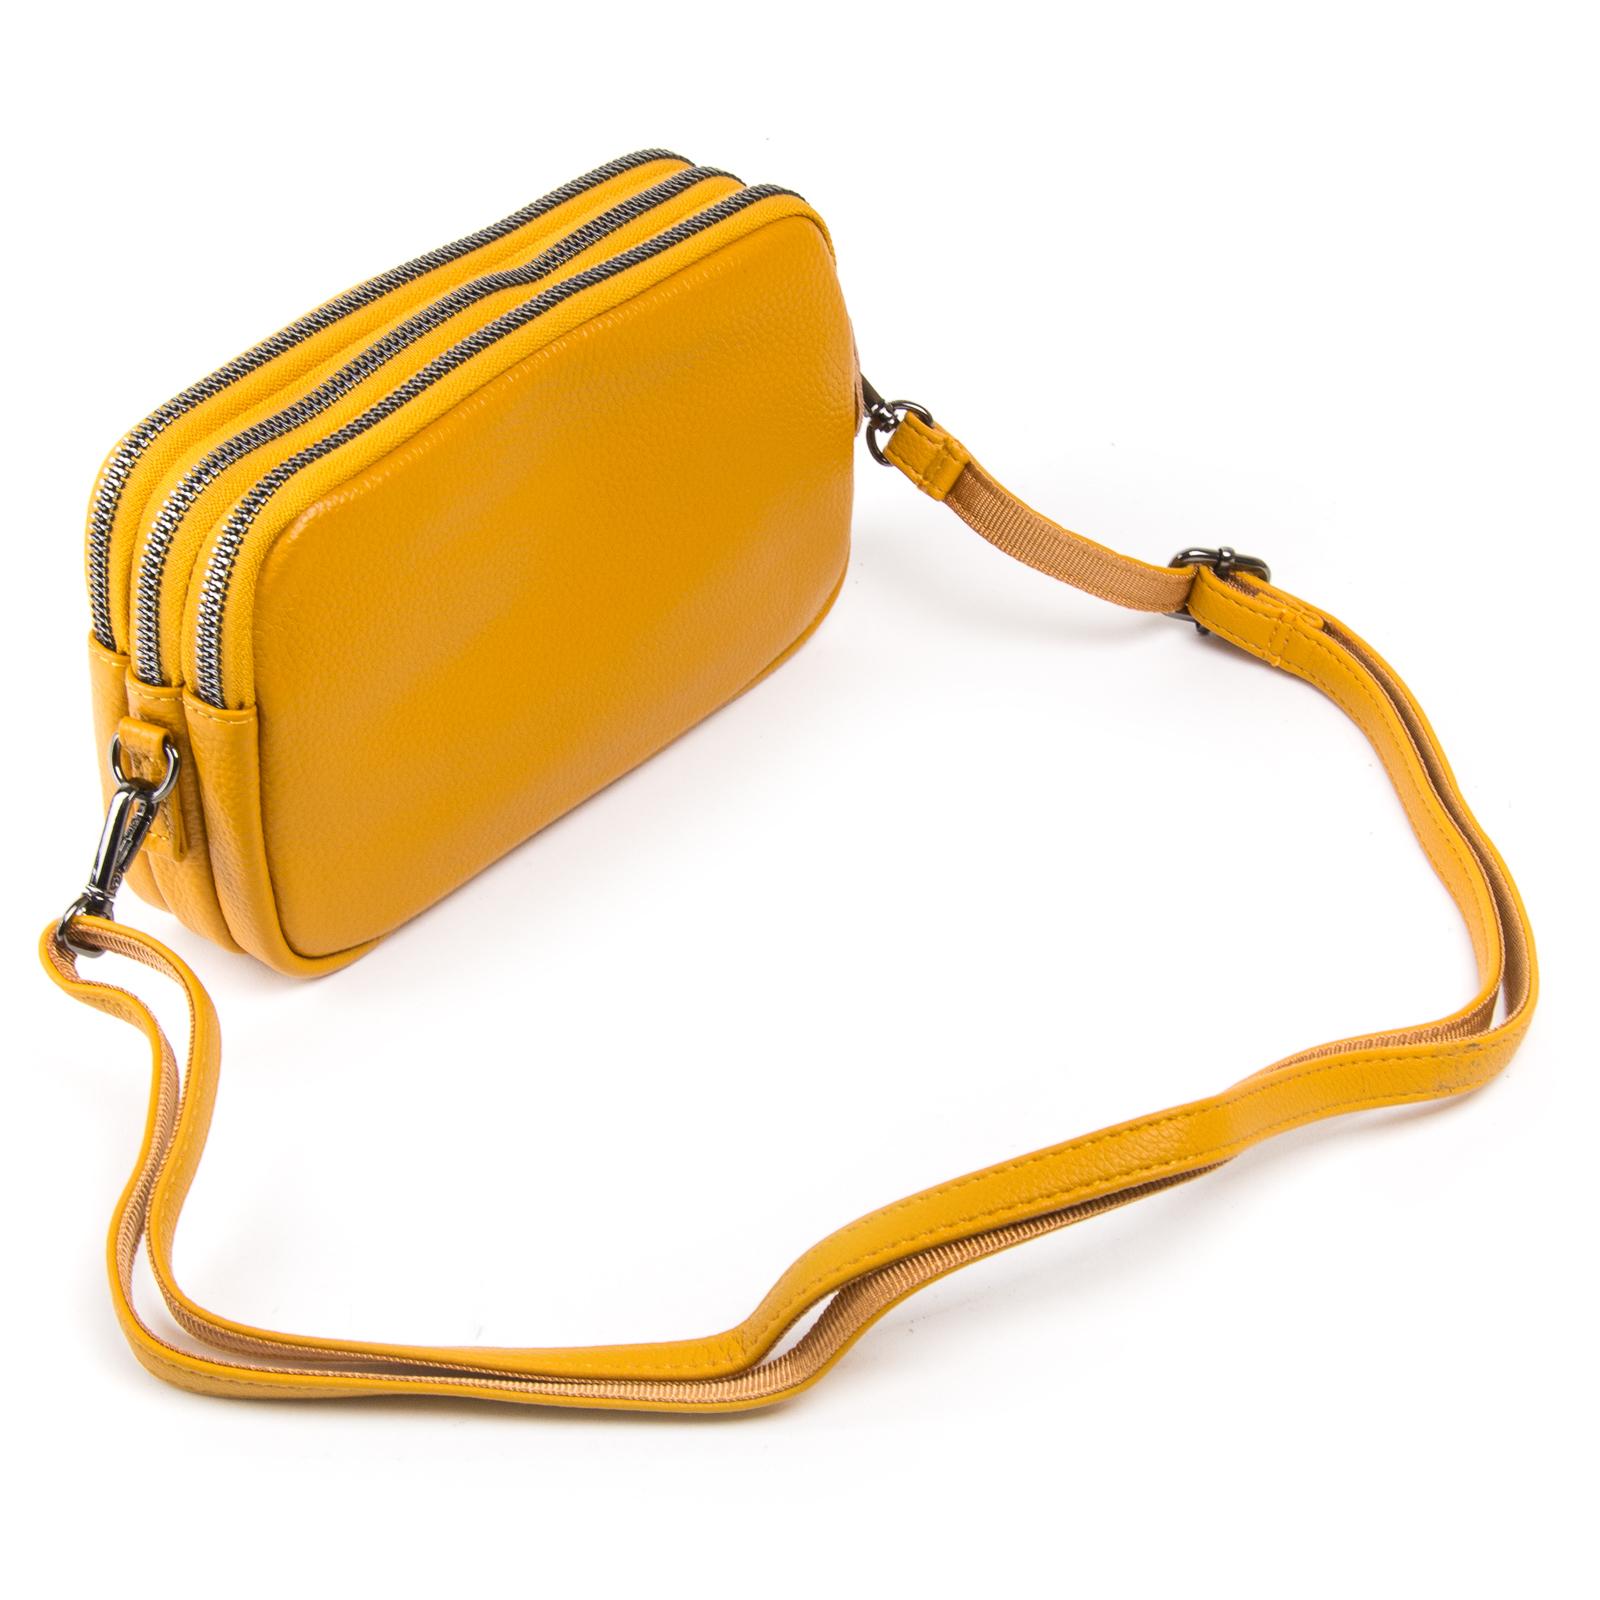 Сумка Женская Клатч кожа ALEX RAI 1-02 60061-9 yellow - фото 3